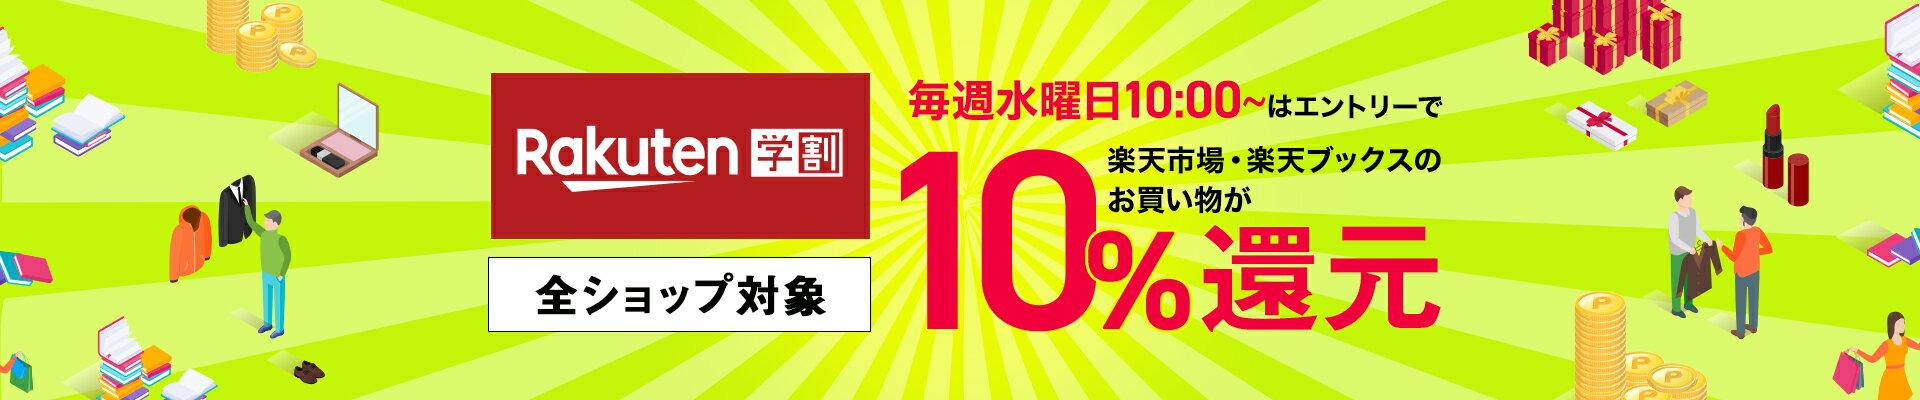 楽天学割 毎週水曜日はエントリーで楽天市場・楽天ブックスのお買い物が10%還元